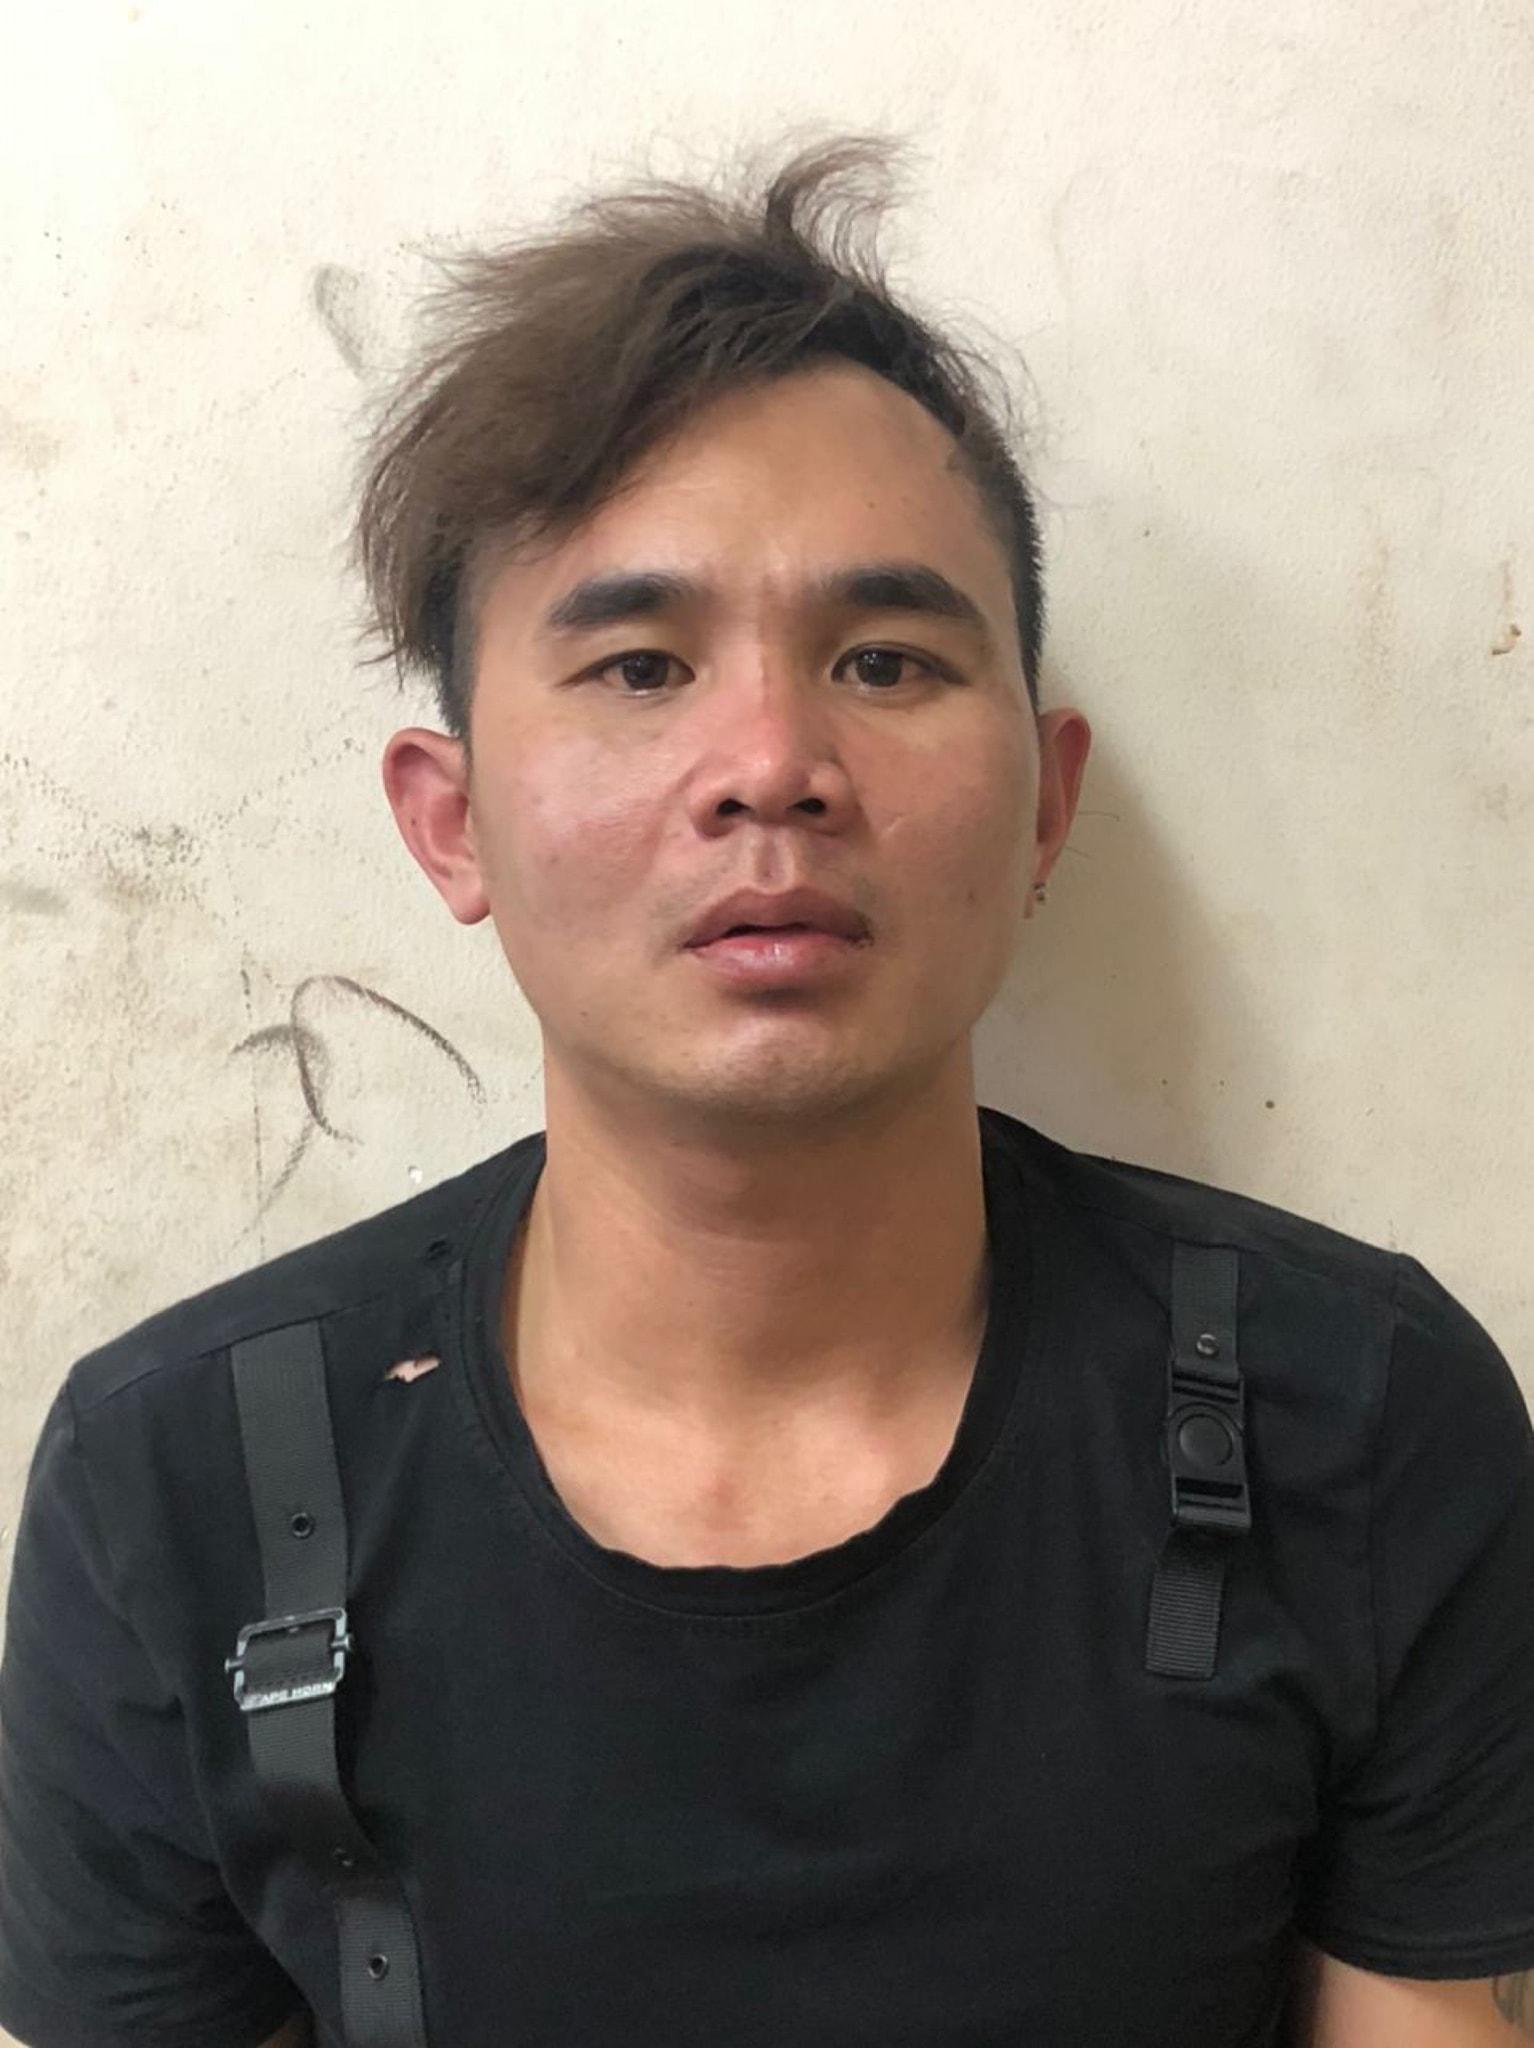 Giả làm xe ôm, thanh niên cướp tài sản đôi nam nữ người nước ngoài bị hình sự truy bắt như phim ở Sài Gòn - Ảnh 1.